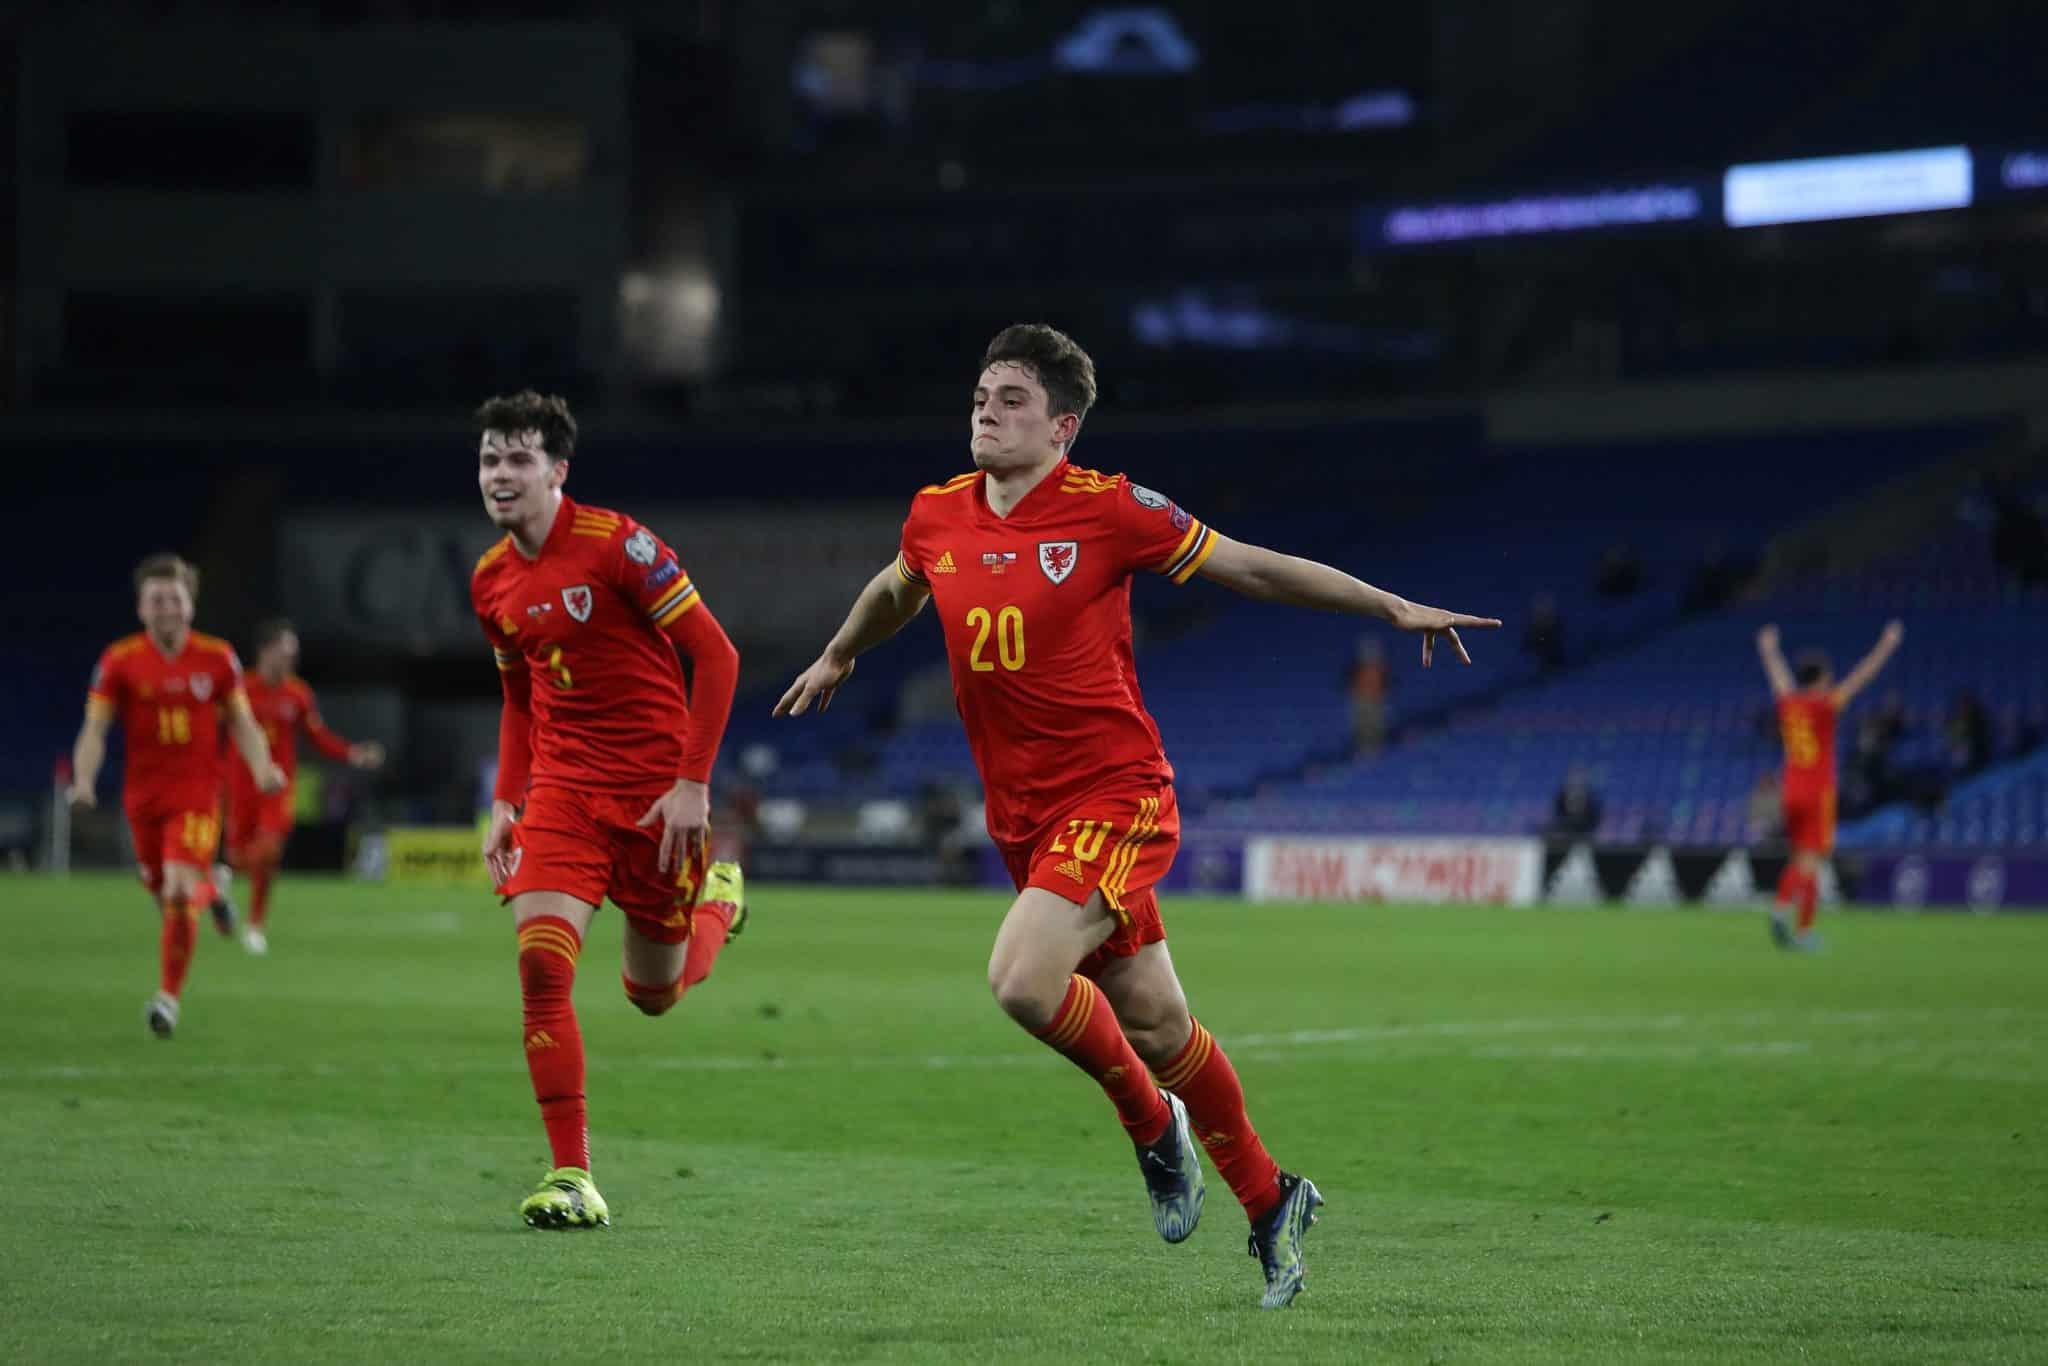 Wales net win